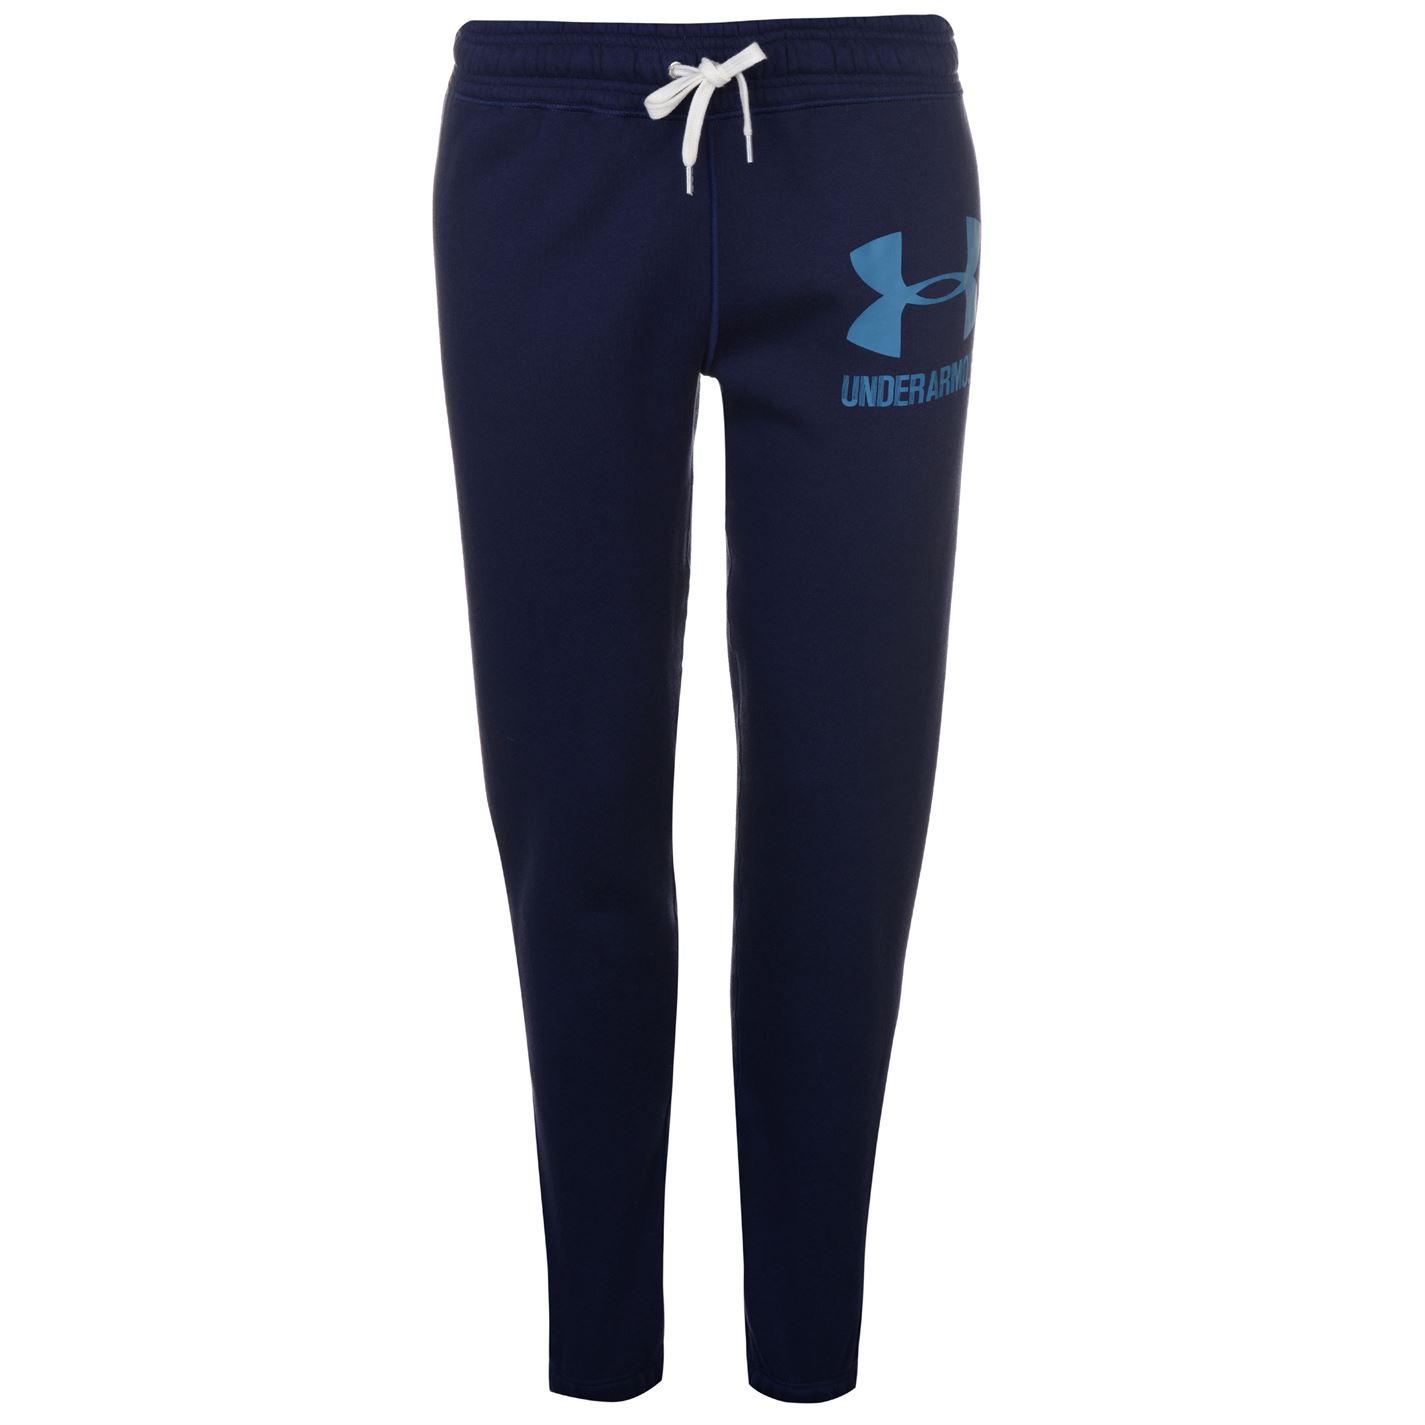 1ac6baf08 dámské oblečení | dámské tepláky, sportovní kalhoty UNDER ARMOUR ...